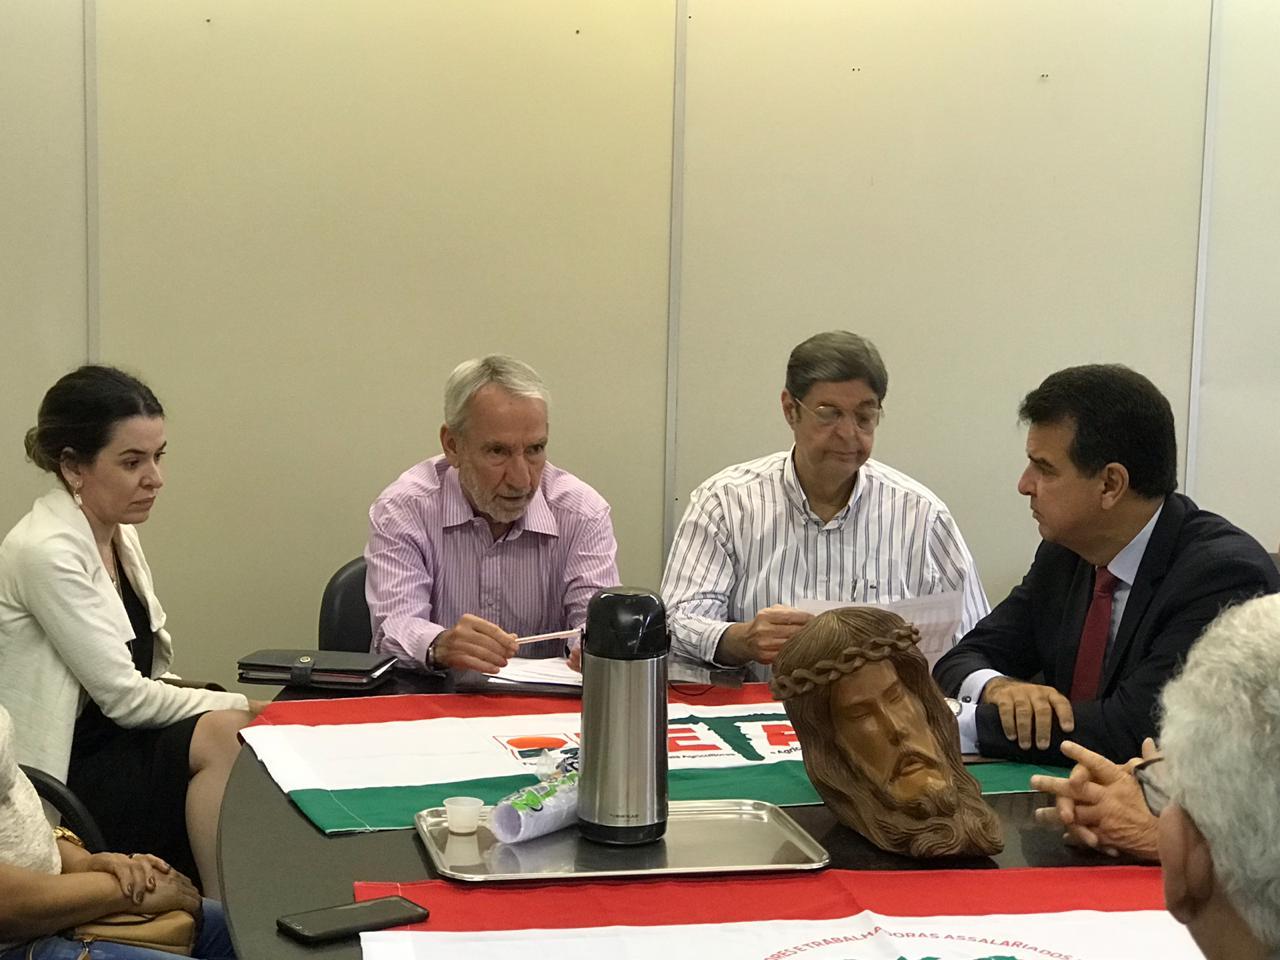 Renato Cunha, Presidente do SINDAÇÚCAR/PE, participando da abertura das negociações da Convenção Trabalhista Rural, na Superintendência Regional do Trabalho, dia 28/setembro/2018